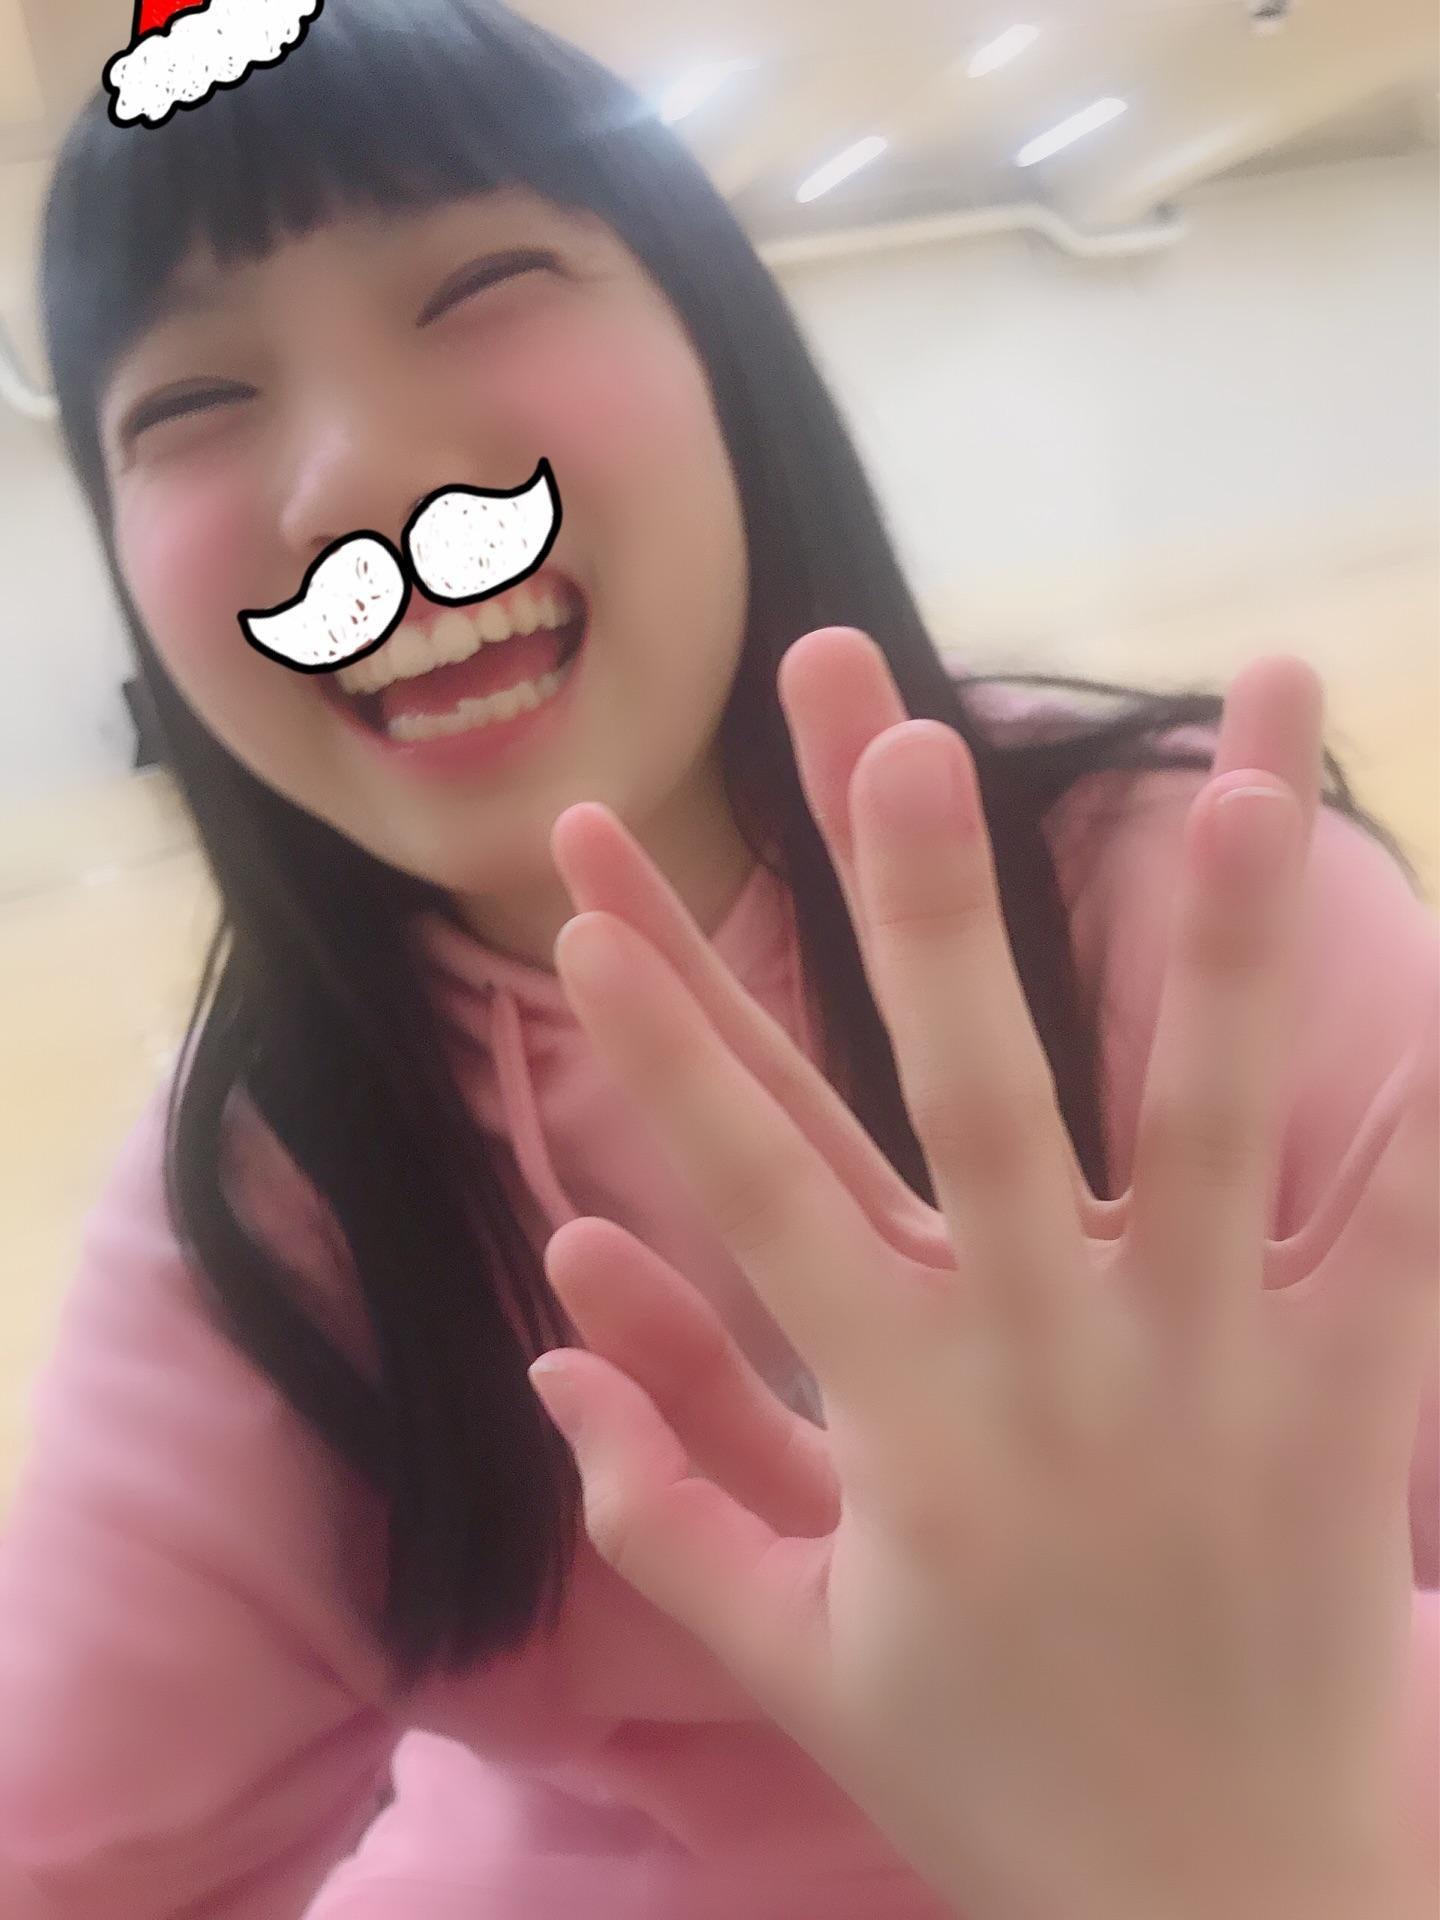 【ダンス】SKEだったくーさんこと矢神久美ちゃん(の幸せを祈りつつSKEメンバーをなでるスレ)☆268【にゃはっぴー】 YouTube動画>7本 ->画像>906枚